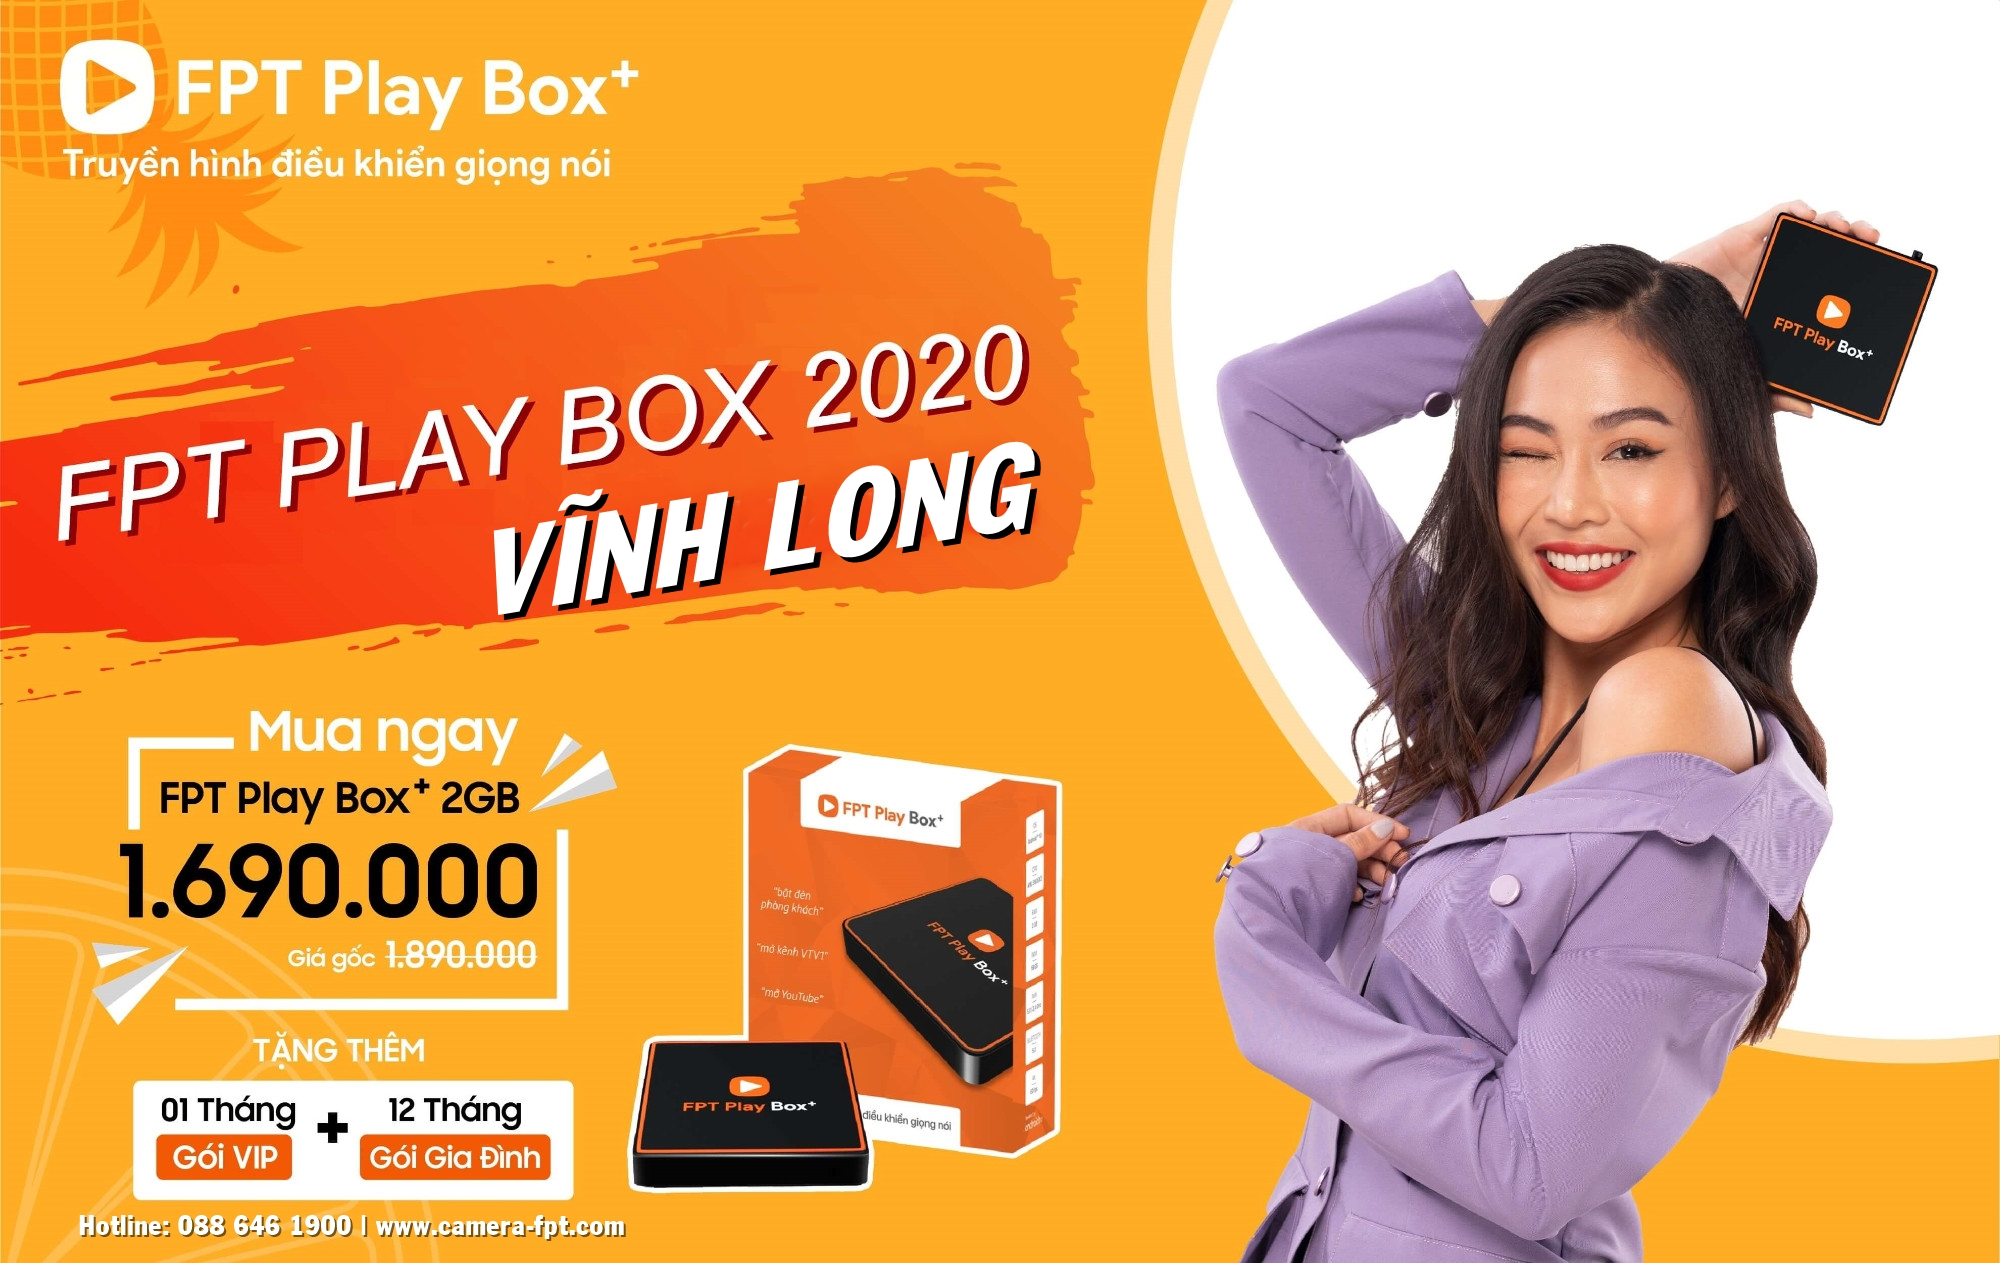 Mua FPT Play BOX+ tại Vĩnh Long ✓ Miễn phí lắp đặt ✓ Tặng 12 tháng truyền hình cáp